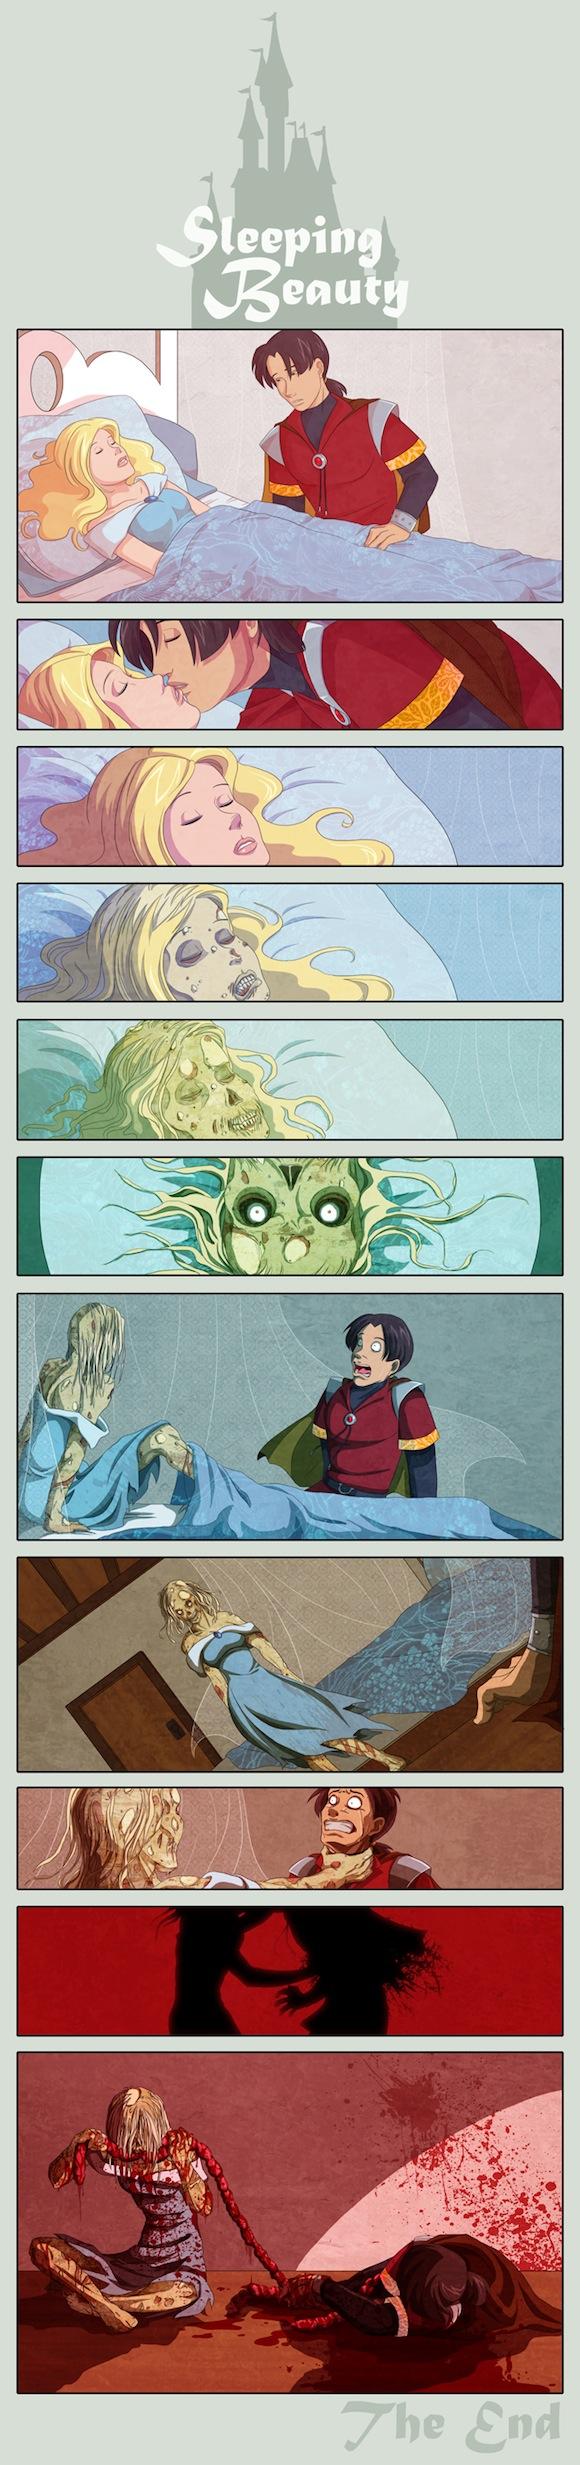 zombie sleeping beauty the mary sue